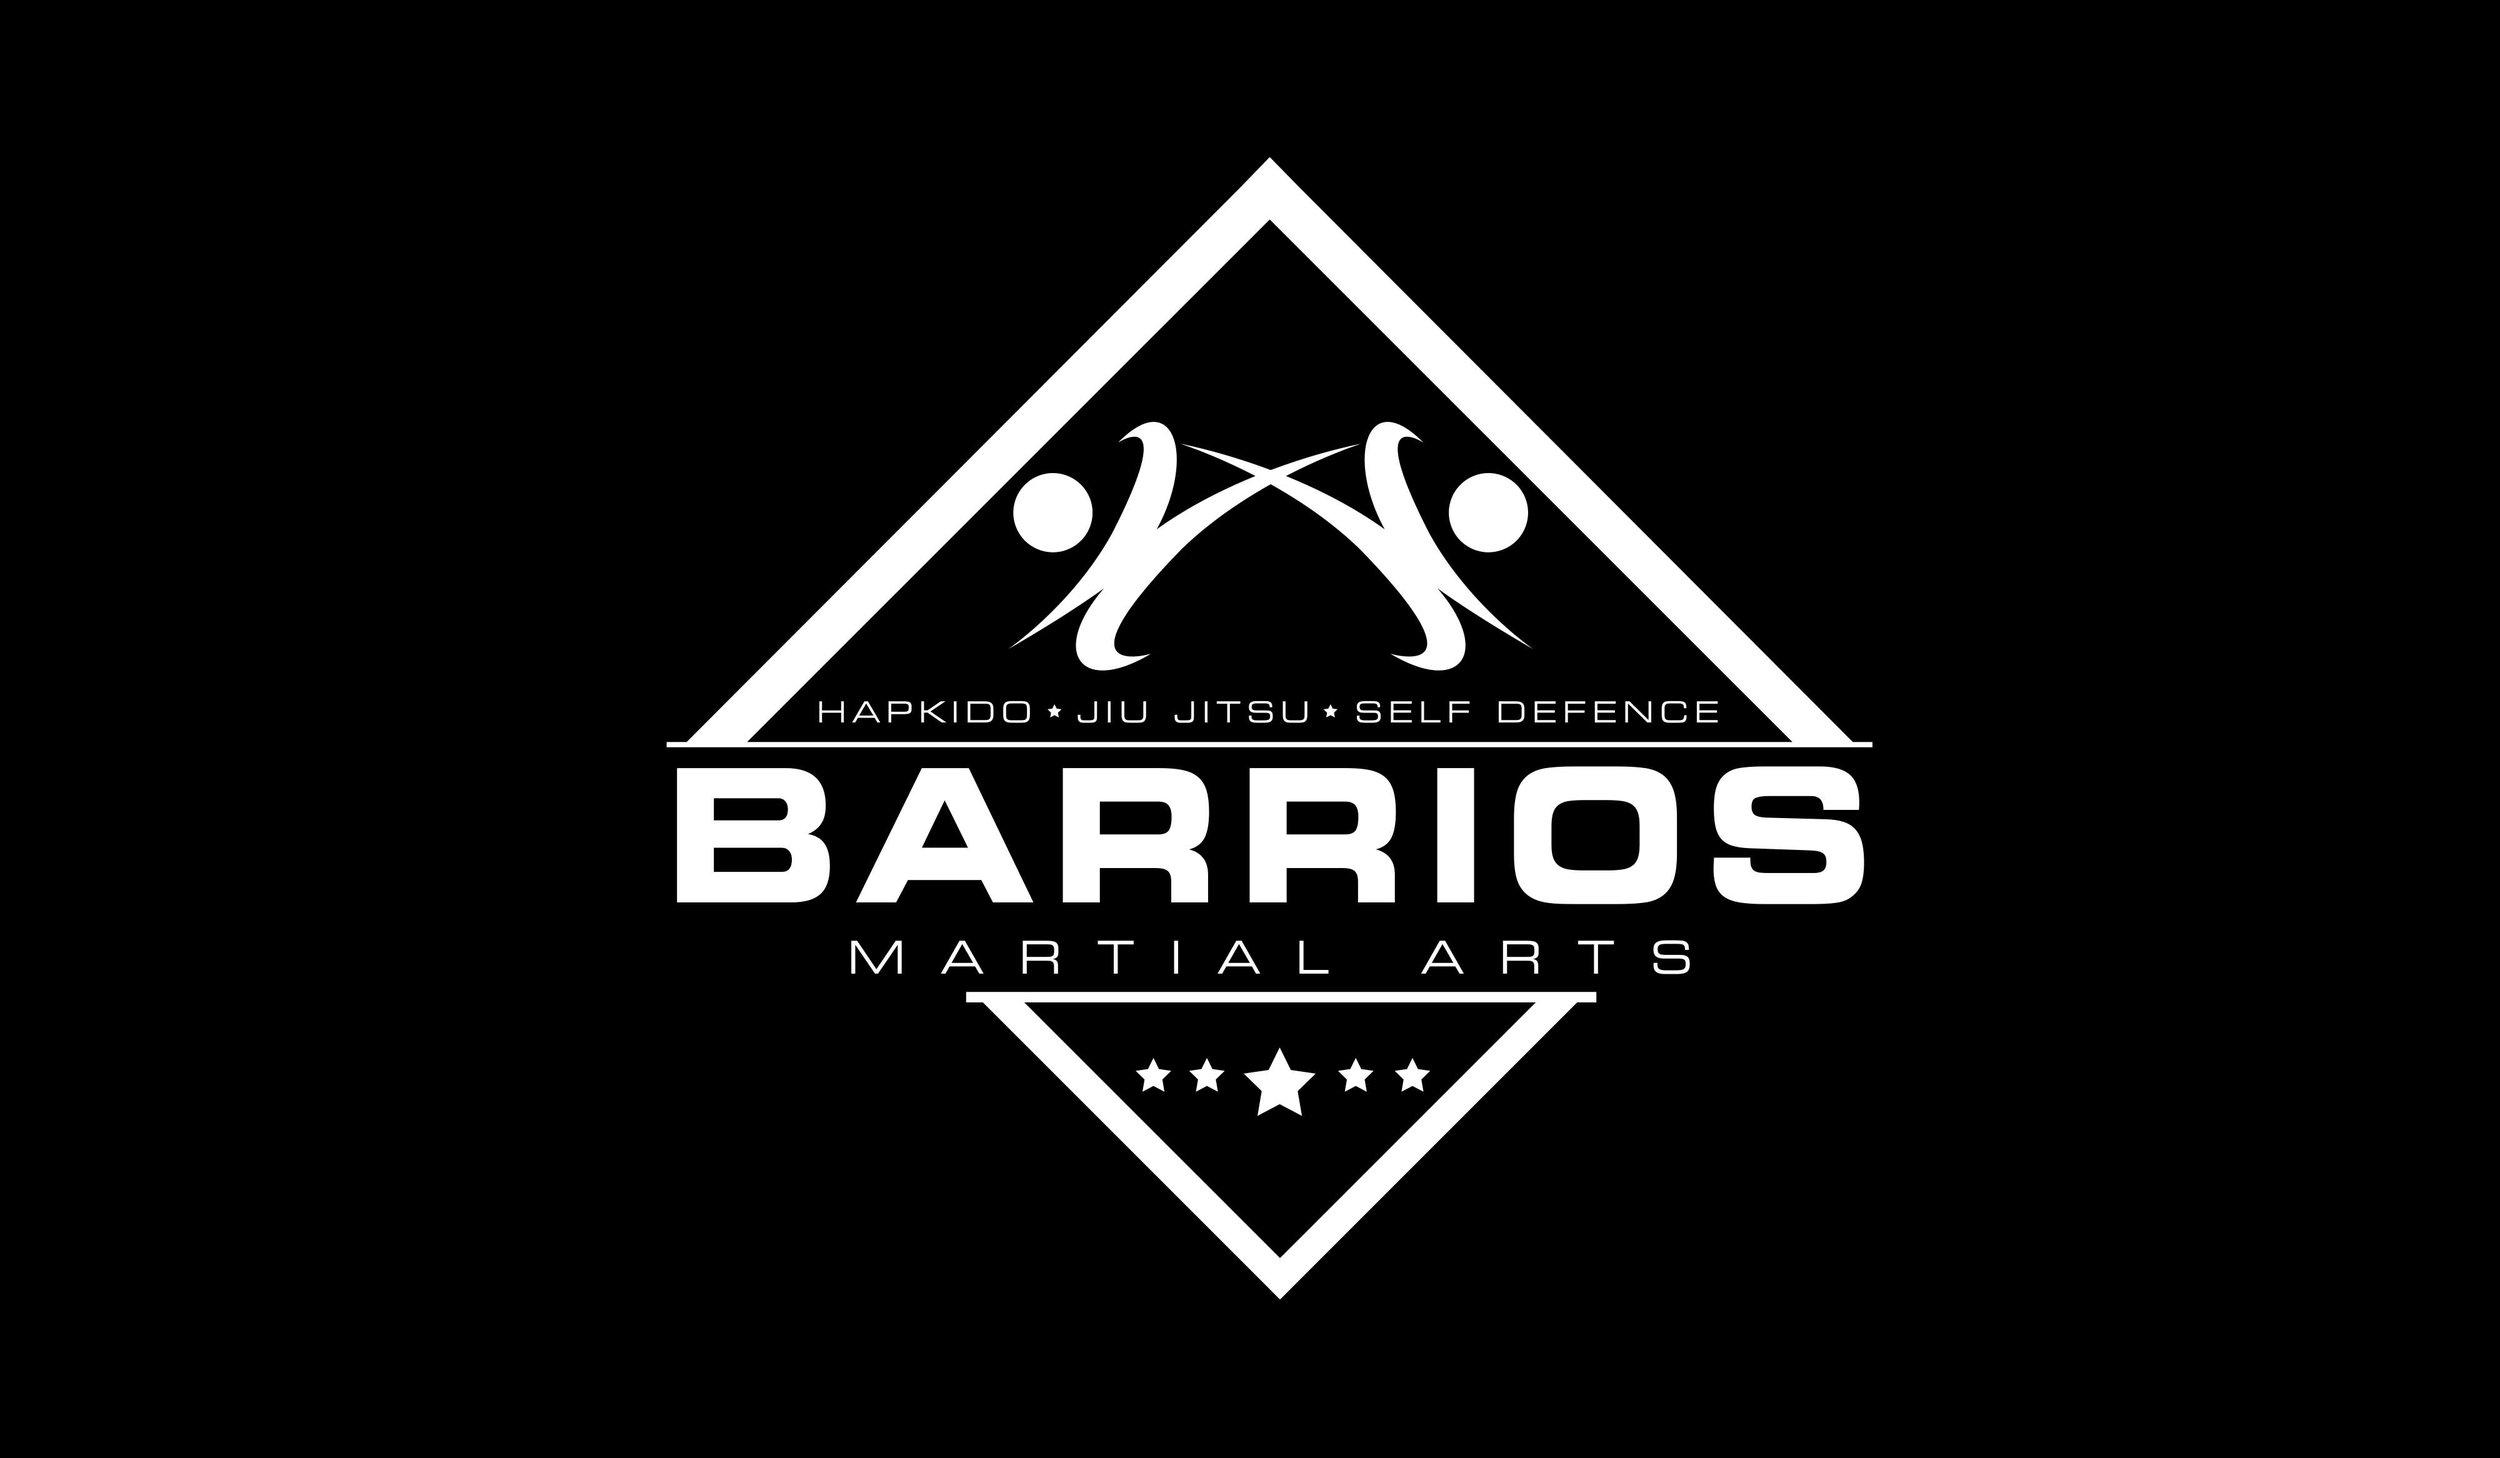 barrios-df (5) (1) (1).jpg